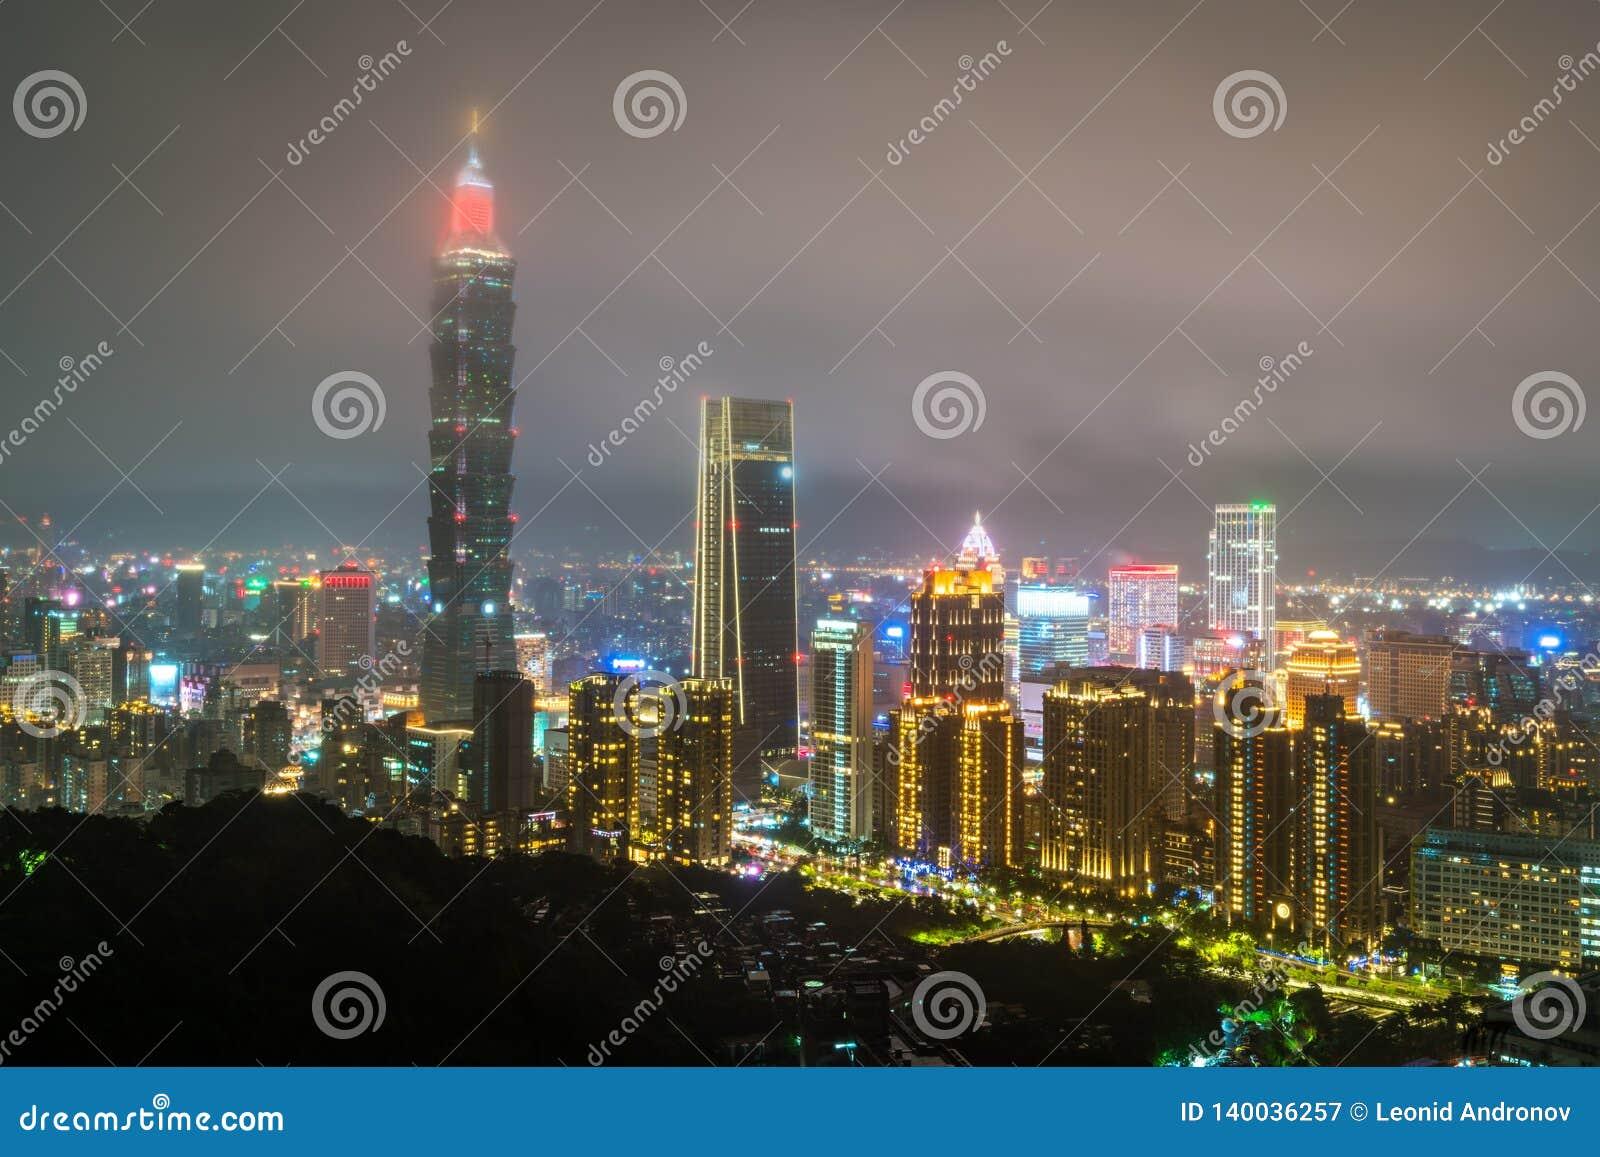 Taipei skyline at night. Taiwan, the Republic of China